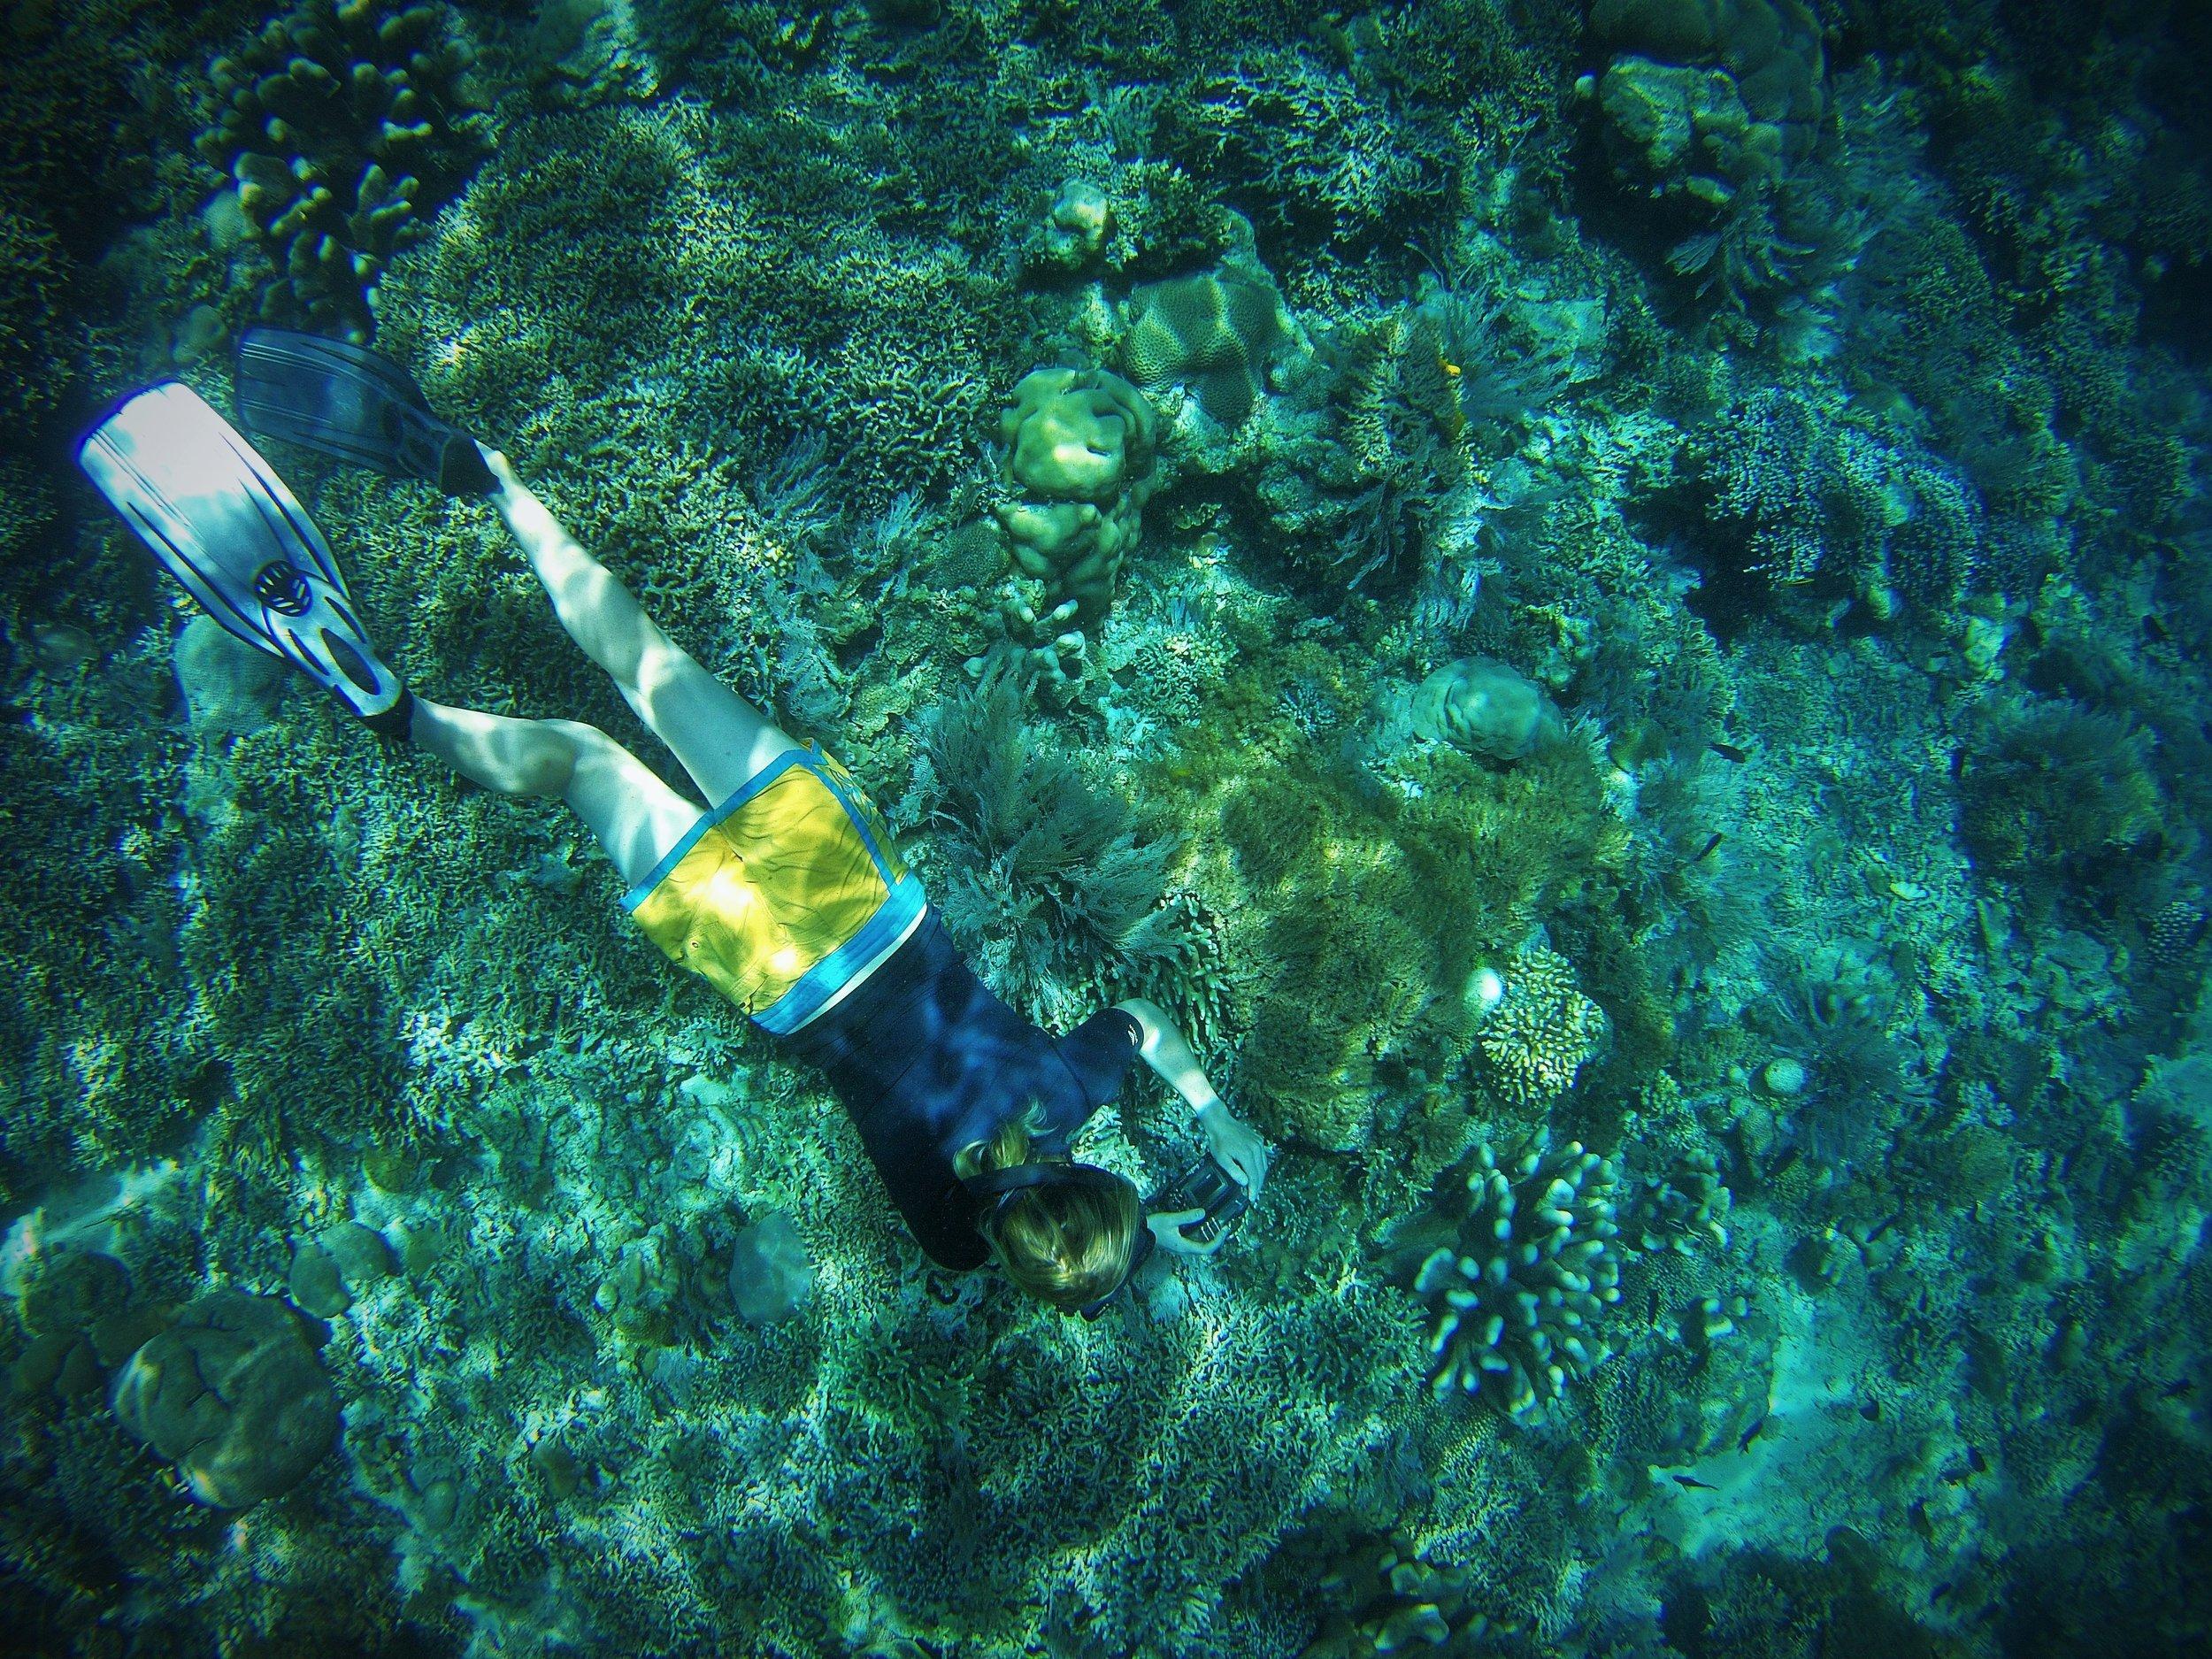 Lyds_snorkeling.jpg